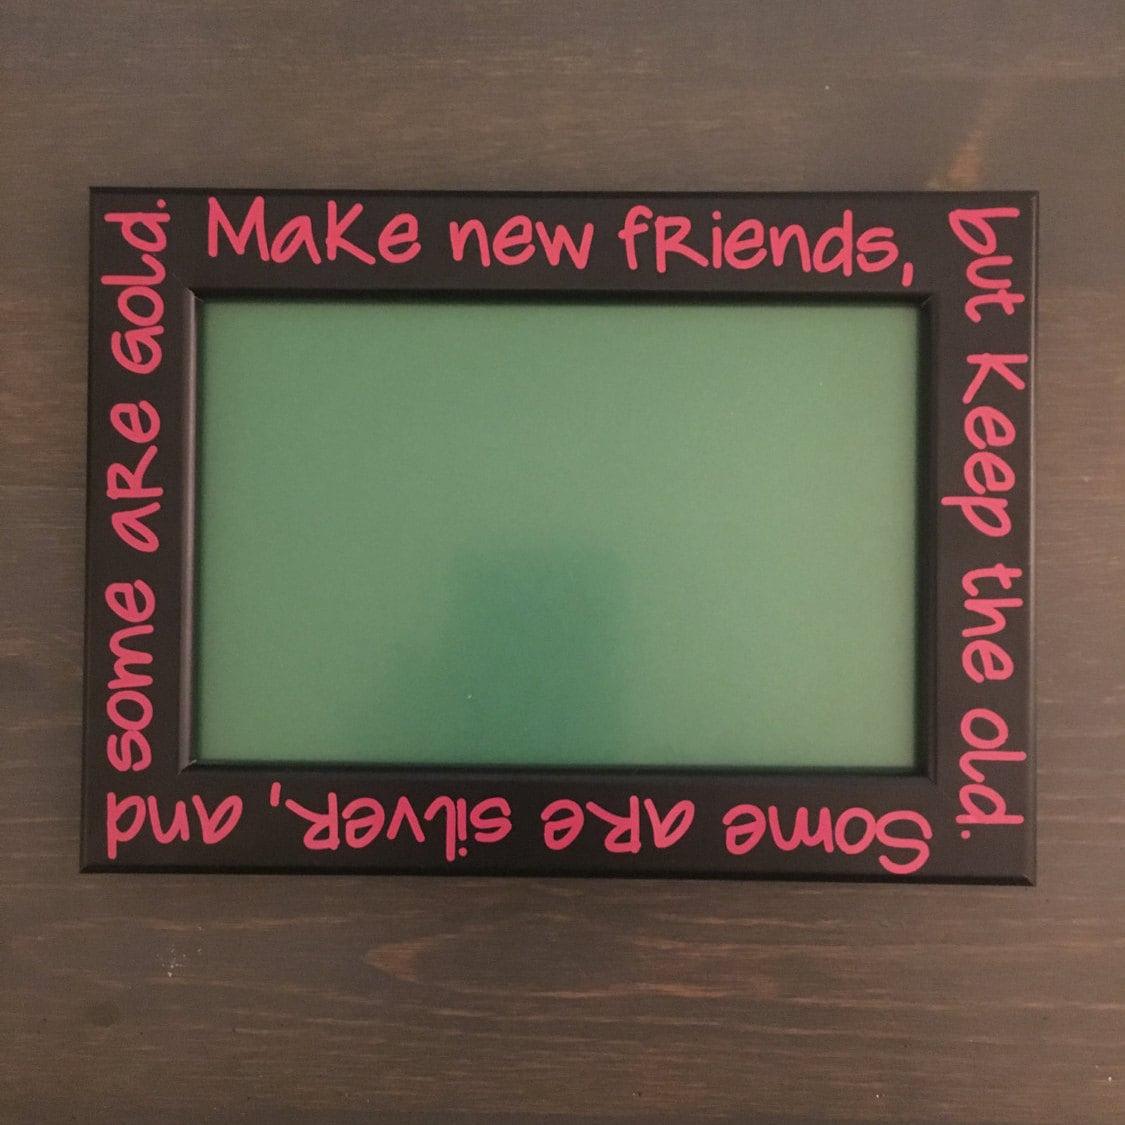 friends picture frame 4 x 6 frame troop gift make new etsy. Black Bedroom Furniture Sets. Home Design Ideas